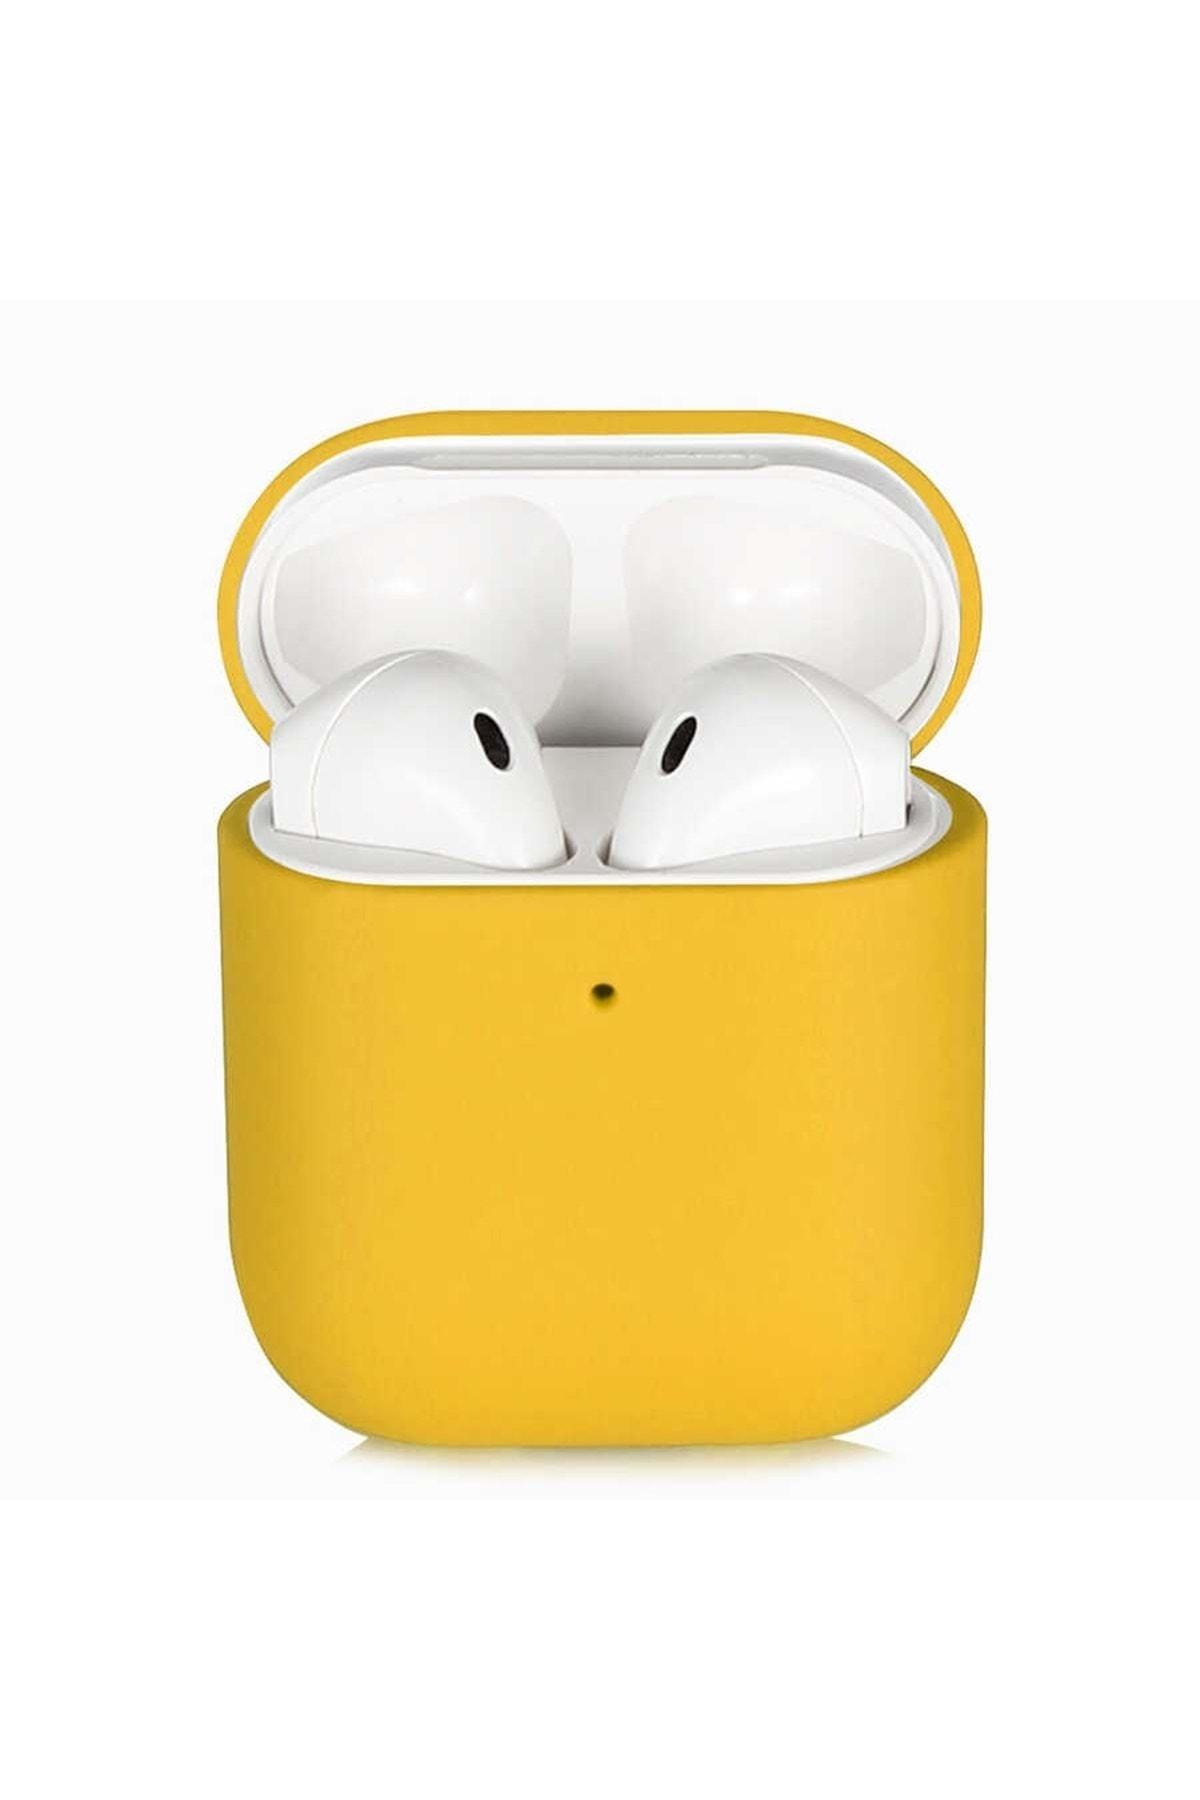 zore Apple Airpods Silk Silikon Kılıf 1